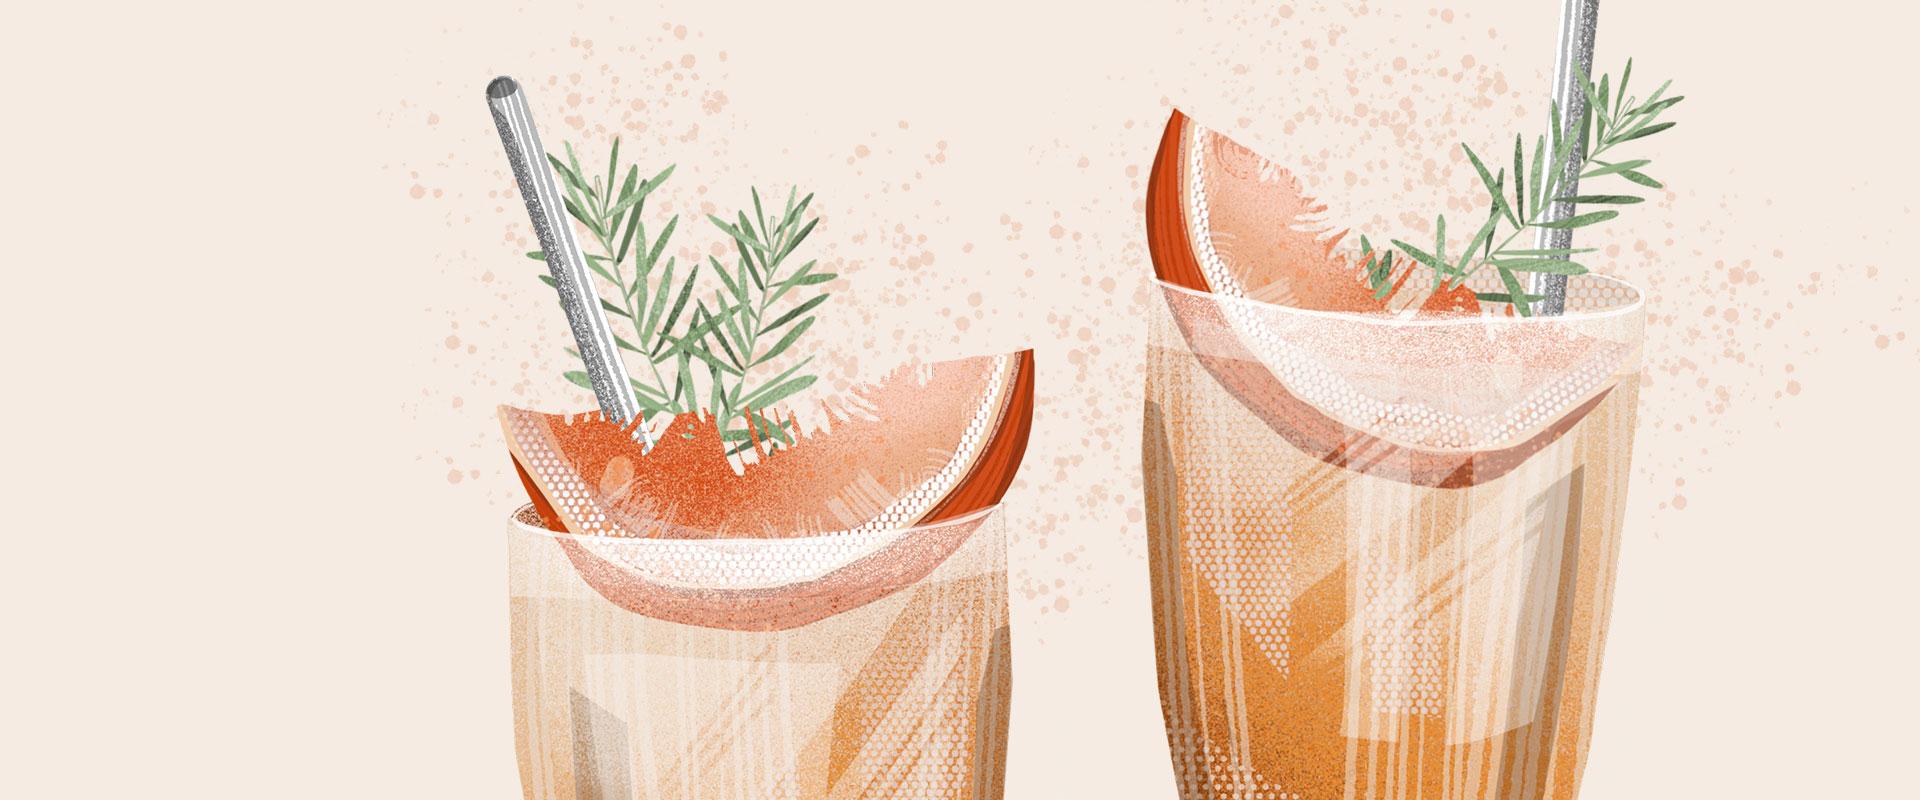 Illustration von zwei Cocktailgläsern mit Grapefriut, Rosmarin und jeweils einem Metallstohhalm drin.